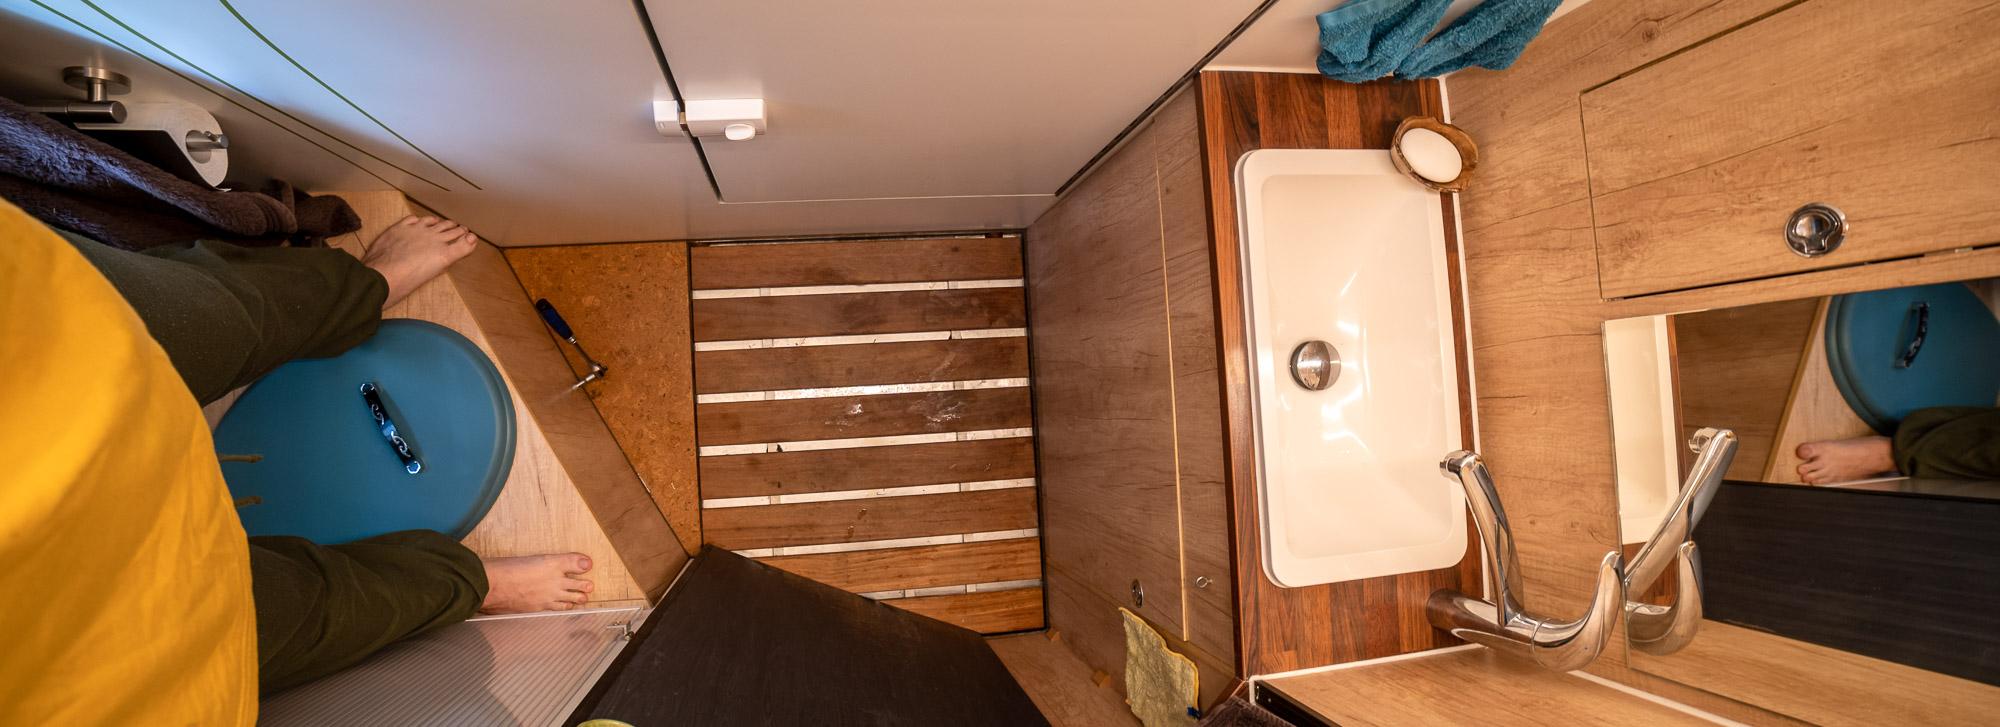 Das Perfekte Bad Im Wohnmobil Mit Waschmaschine Und Komposttoillette